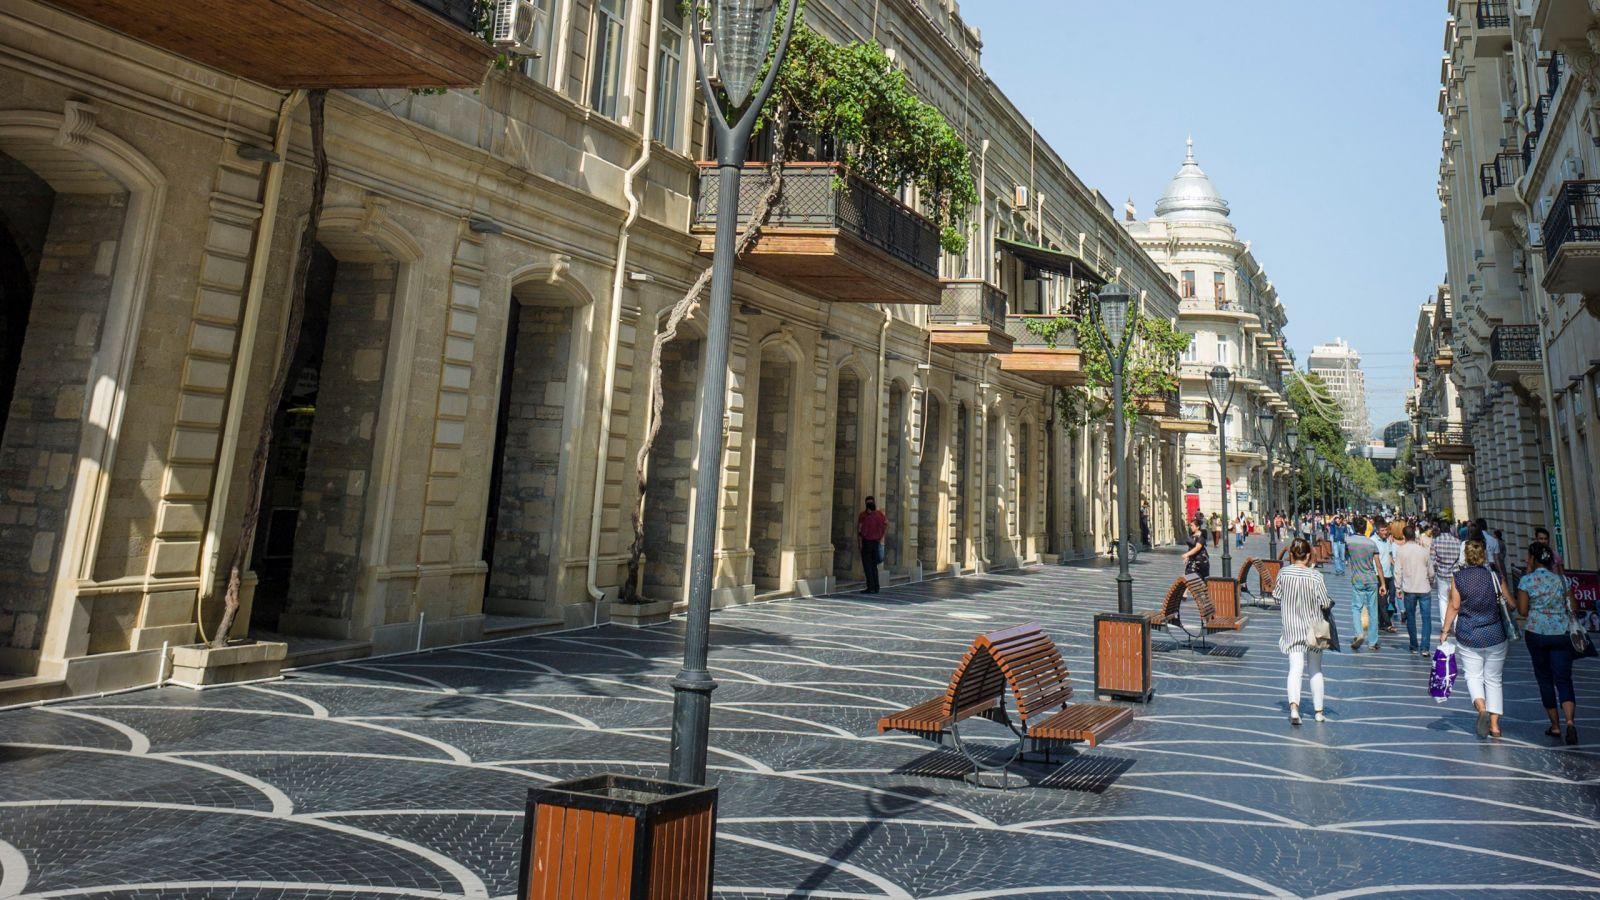 Фото или рисунок улицы воронежа можно